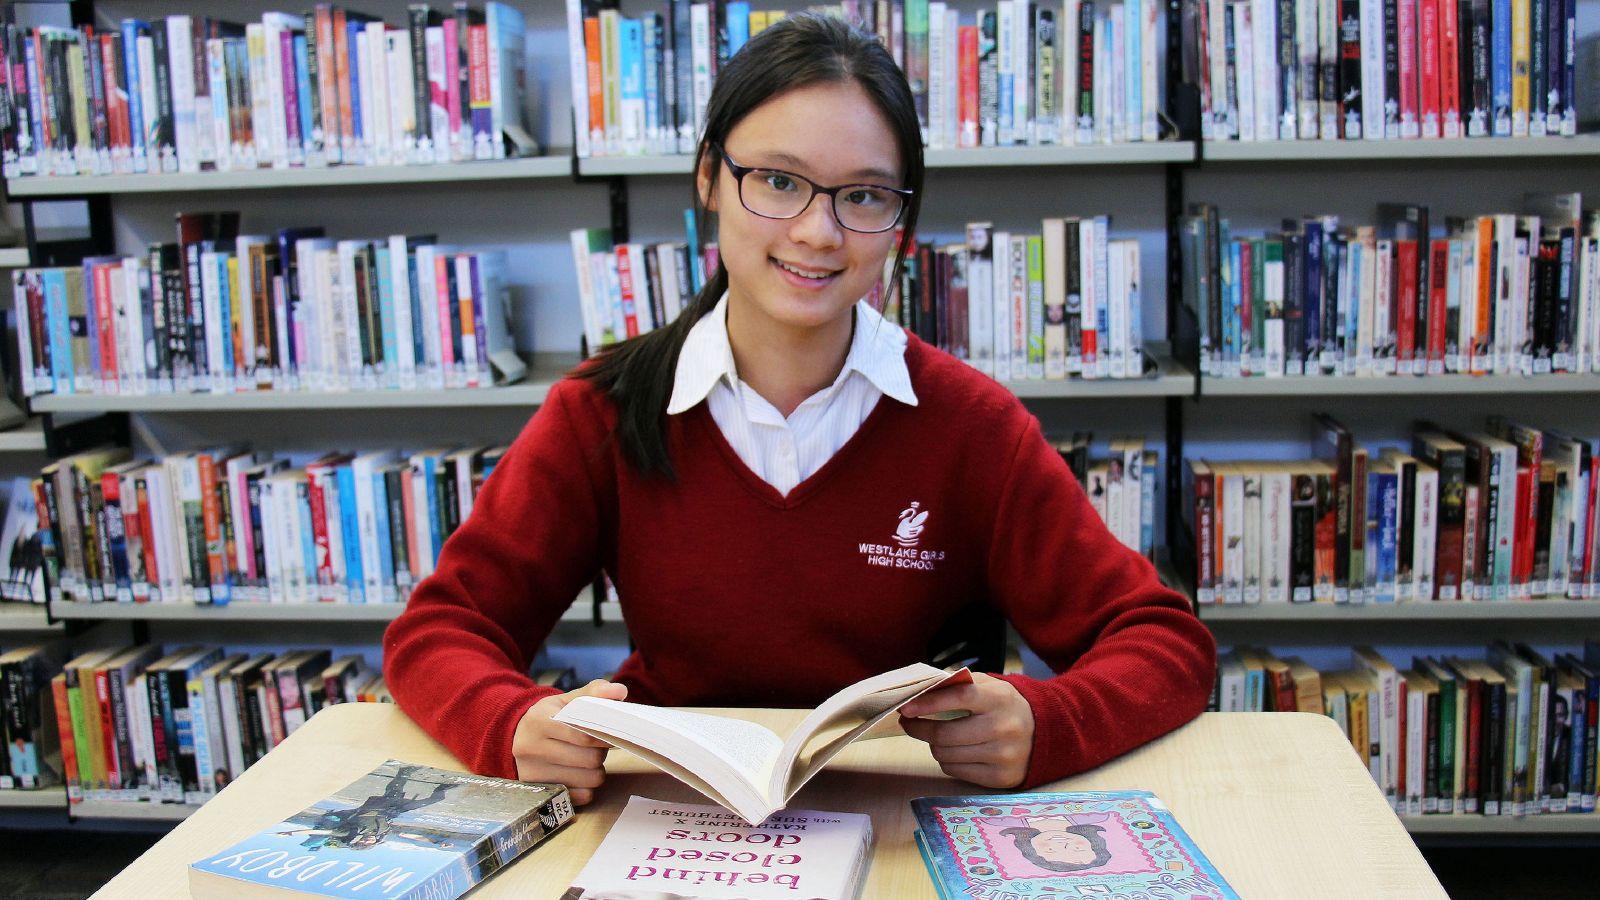 Xiaole Zhan